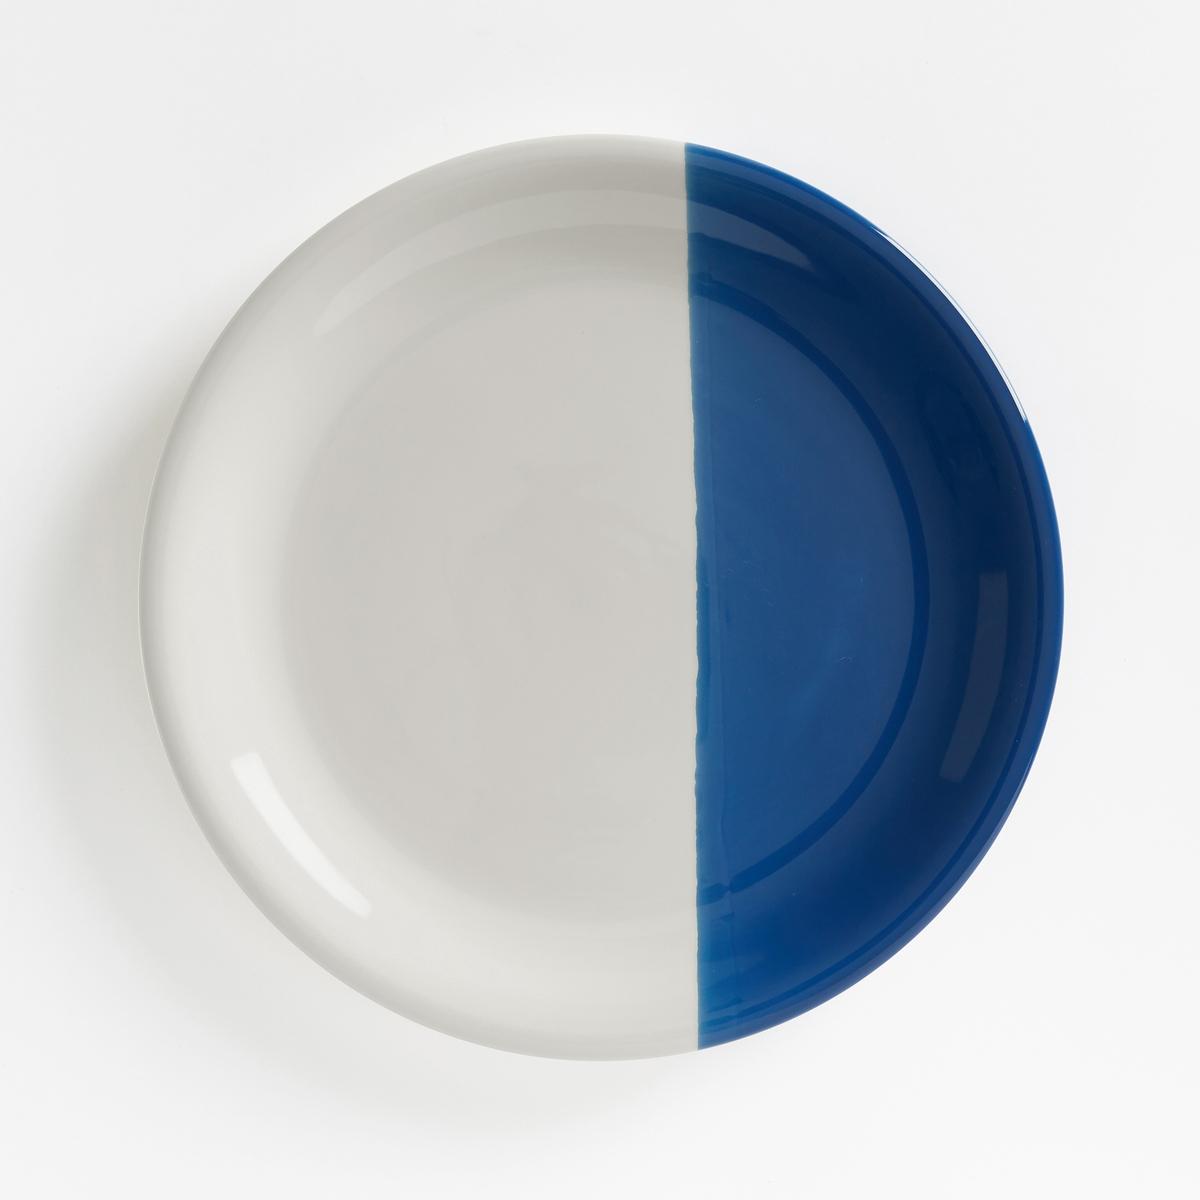 Комплект из 4 мелких тарелок из фаянса ZALATOОписание:Оригинальные двухцветные мелкие тарелки из фаянса. Каждая тарелка разделена пополам с помощью цвета.Характеристики мелких тарелок ZALATO :Комплект из 4 двухцветных тарелок из фаянса.Размеры мелких тарелок ZALATO :Диаметр : 27,2 смУход :Подходят для мытья в посудомоечной машине и использования в микроволновой печи<br><br>Цвет: белый/ зеленый,белый/ синий<br>Размер: единый размер